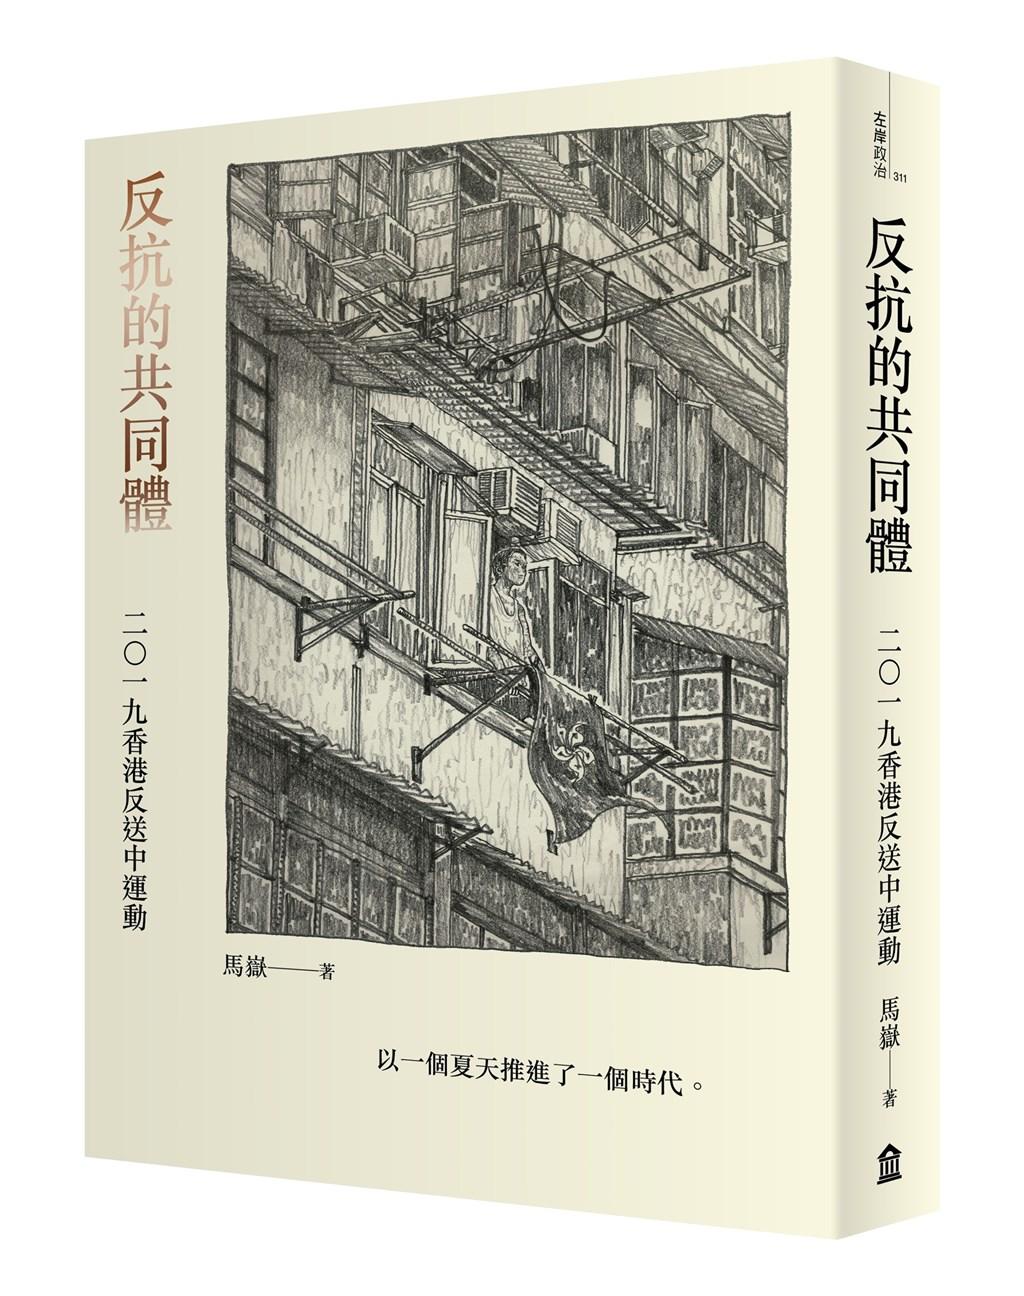 香港中文大學政治與行政學系副教授馬嶽近日在台灣出版了新書「反抗的共同體」。他在書中記述分析了2019年香港的這場巨變,並形容「反送中」抗爭是「以一個夏天推進了一個時代」。(左岸文化提供)中央社 109年10月29日